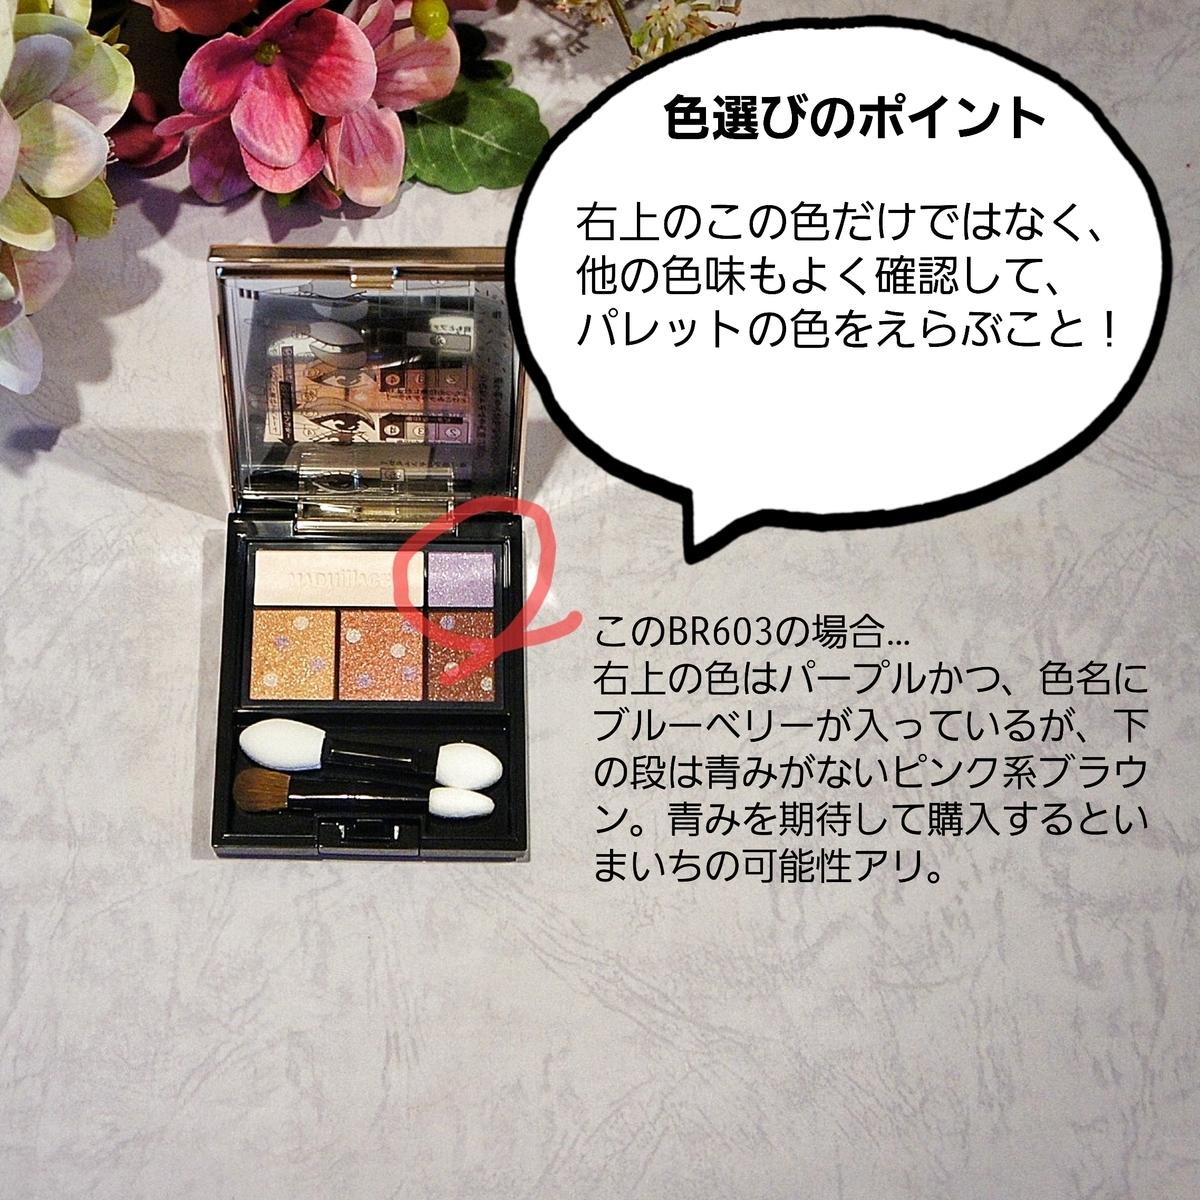 f:id:MayAoyama:20200830211711j:plain